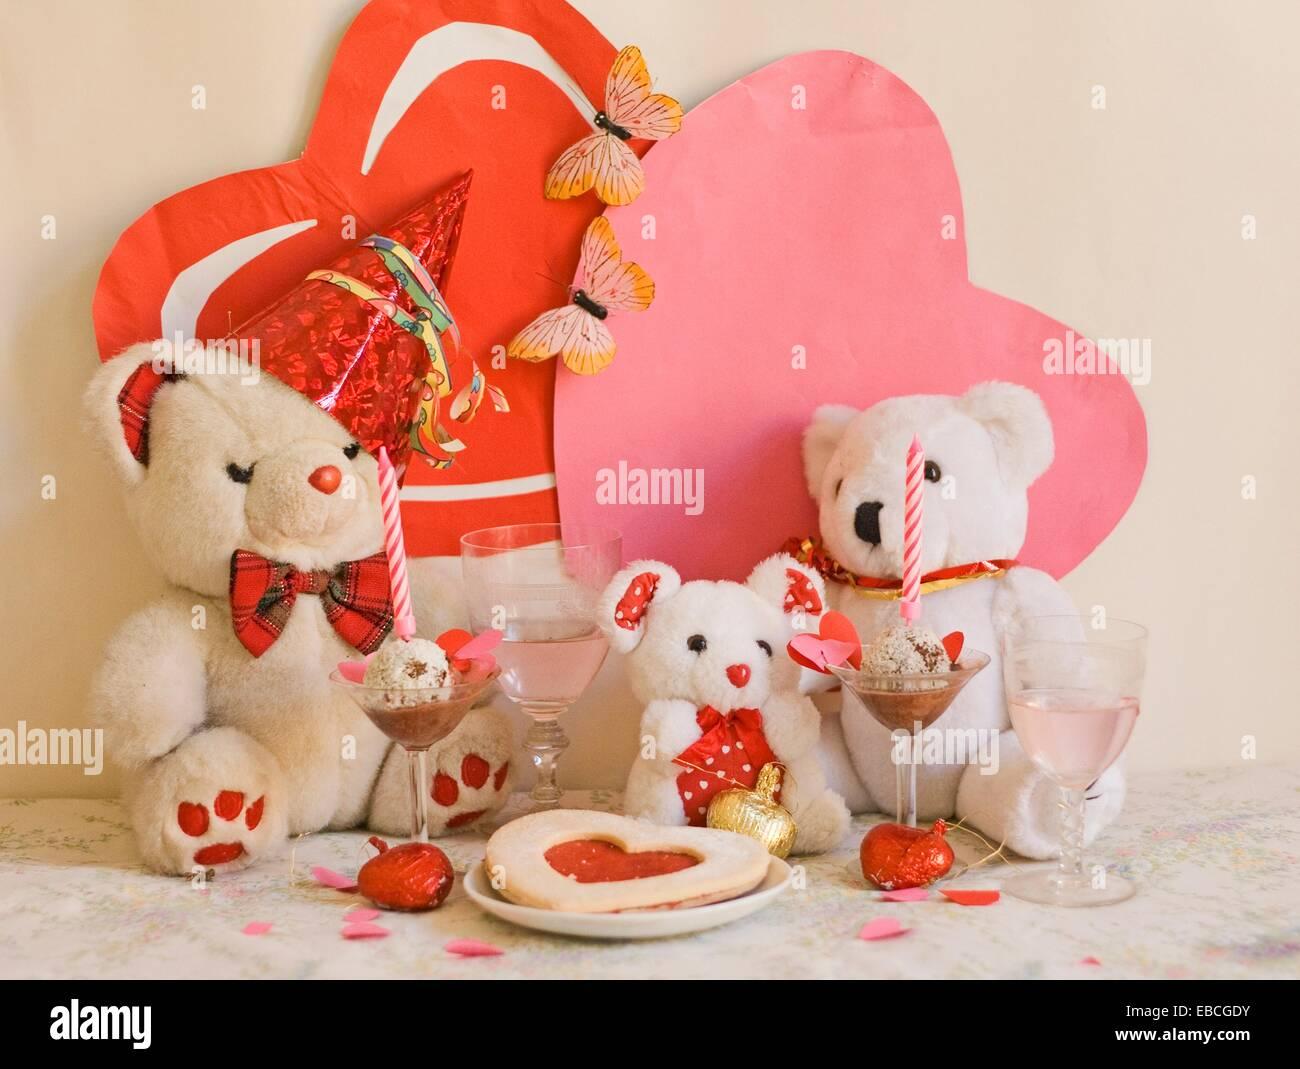 Teddybaren Jubilaum Zwei Weisse Teddybaren Teilen Eine Romantische